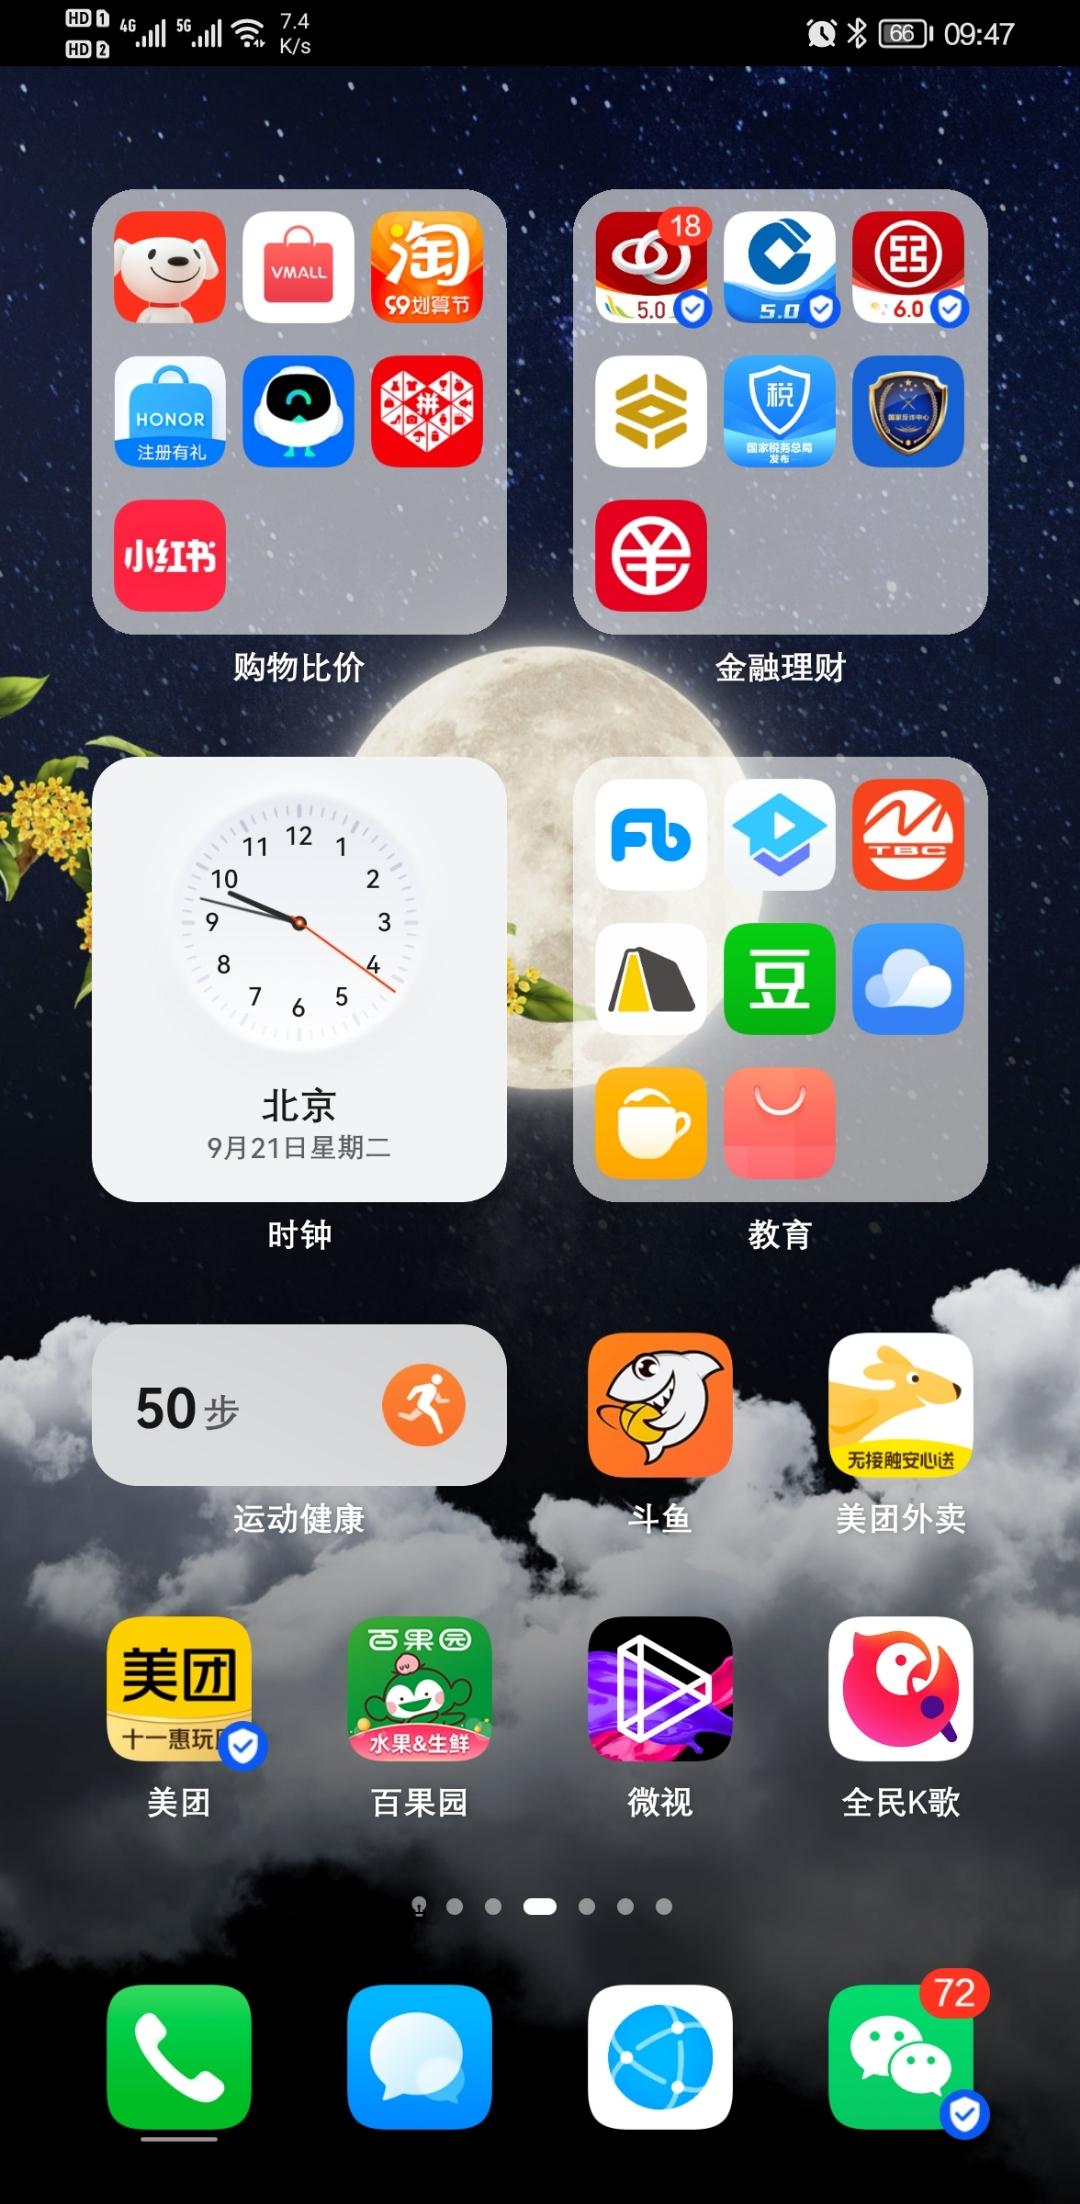 Screenshot_20210921_094721_com.huawei.android.launcher.jpg